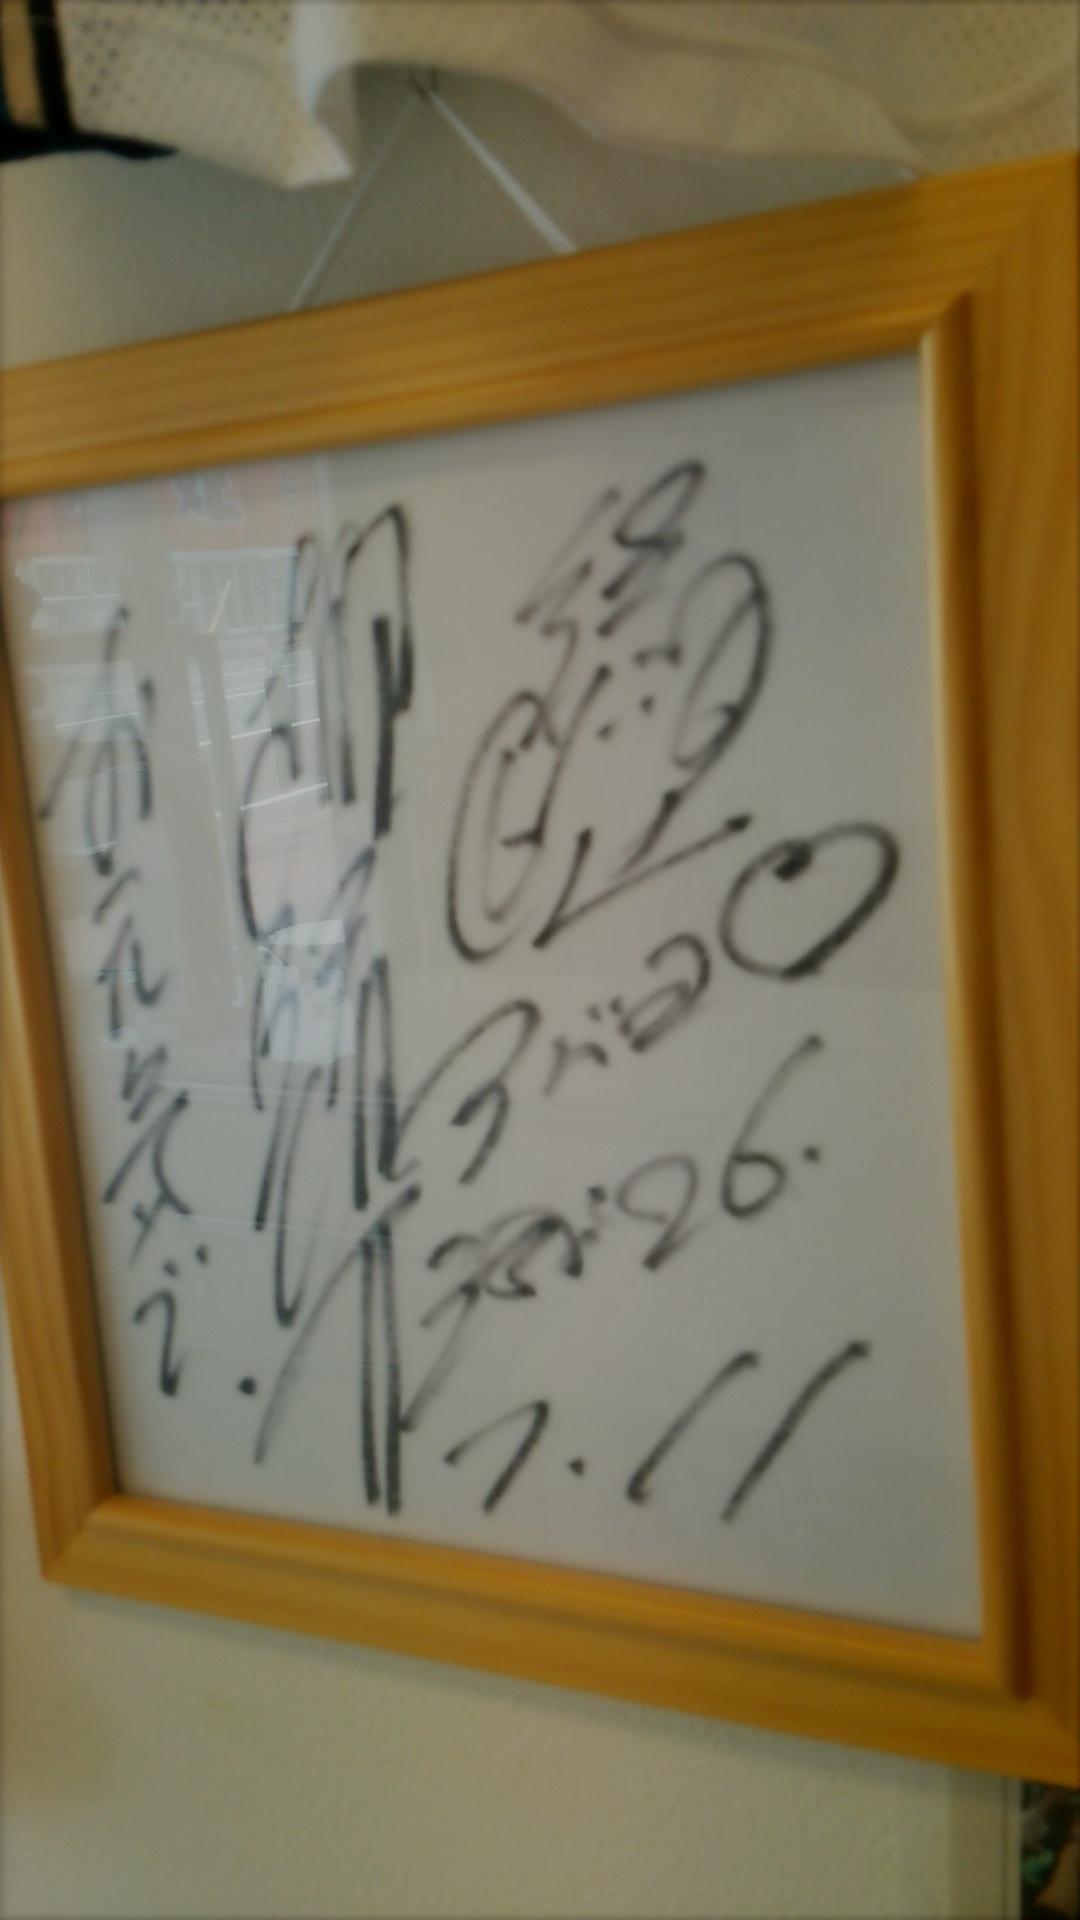 柳沢慎吾さんのサイン_b0106766_1156462.jpg